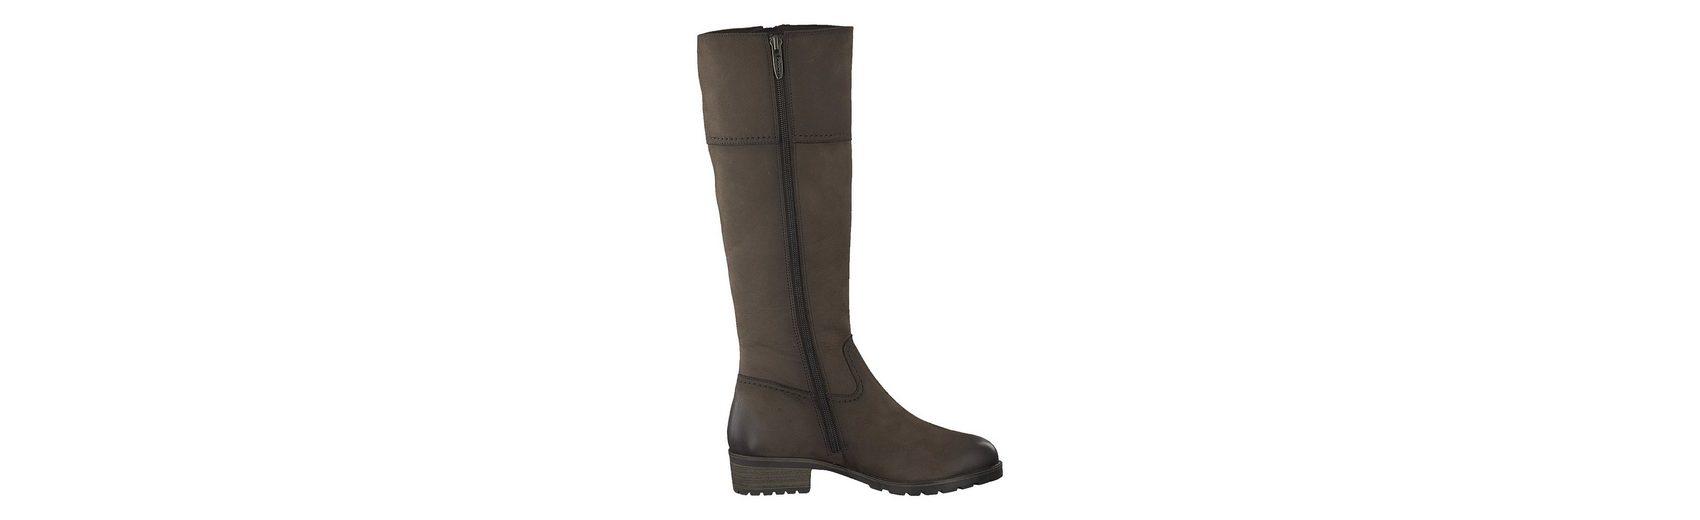 Tamaris Stiefel Spielraum Perfekt Billige Neue Stile Viele Arten Von Online rC0efTNs